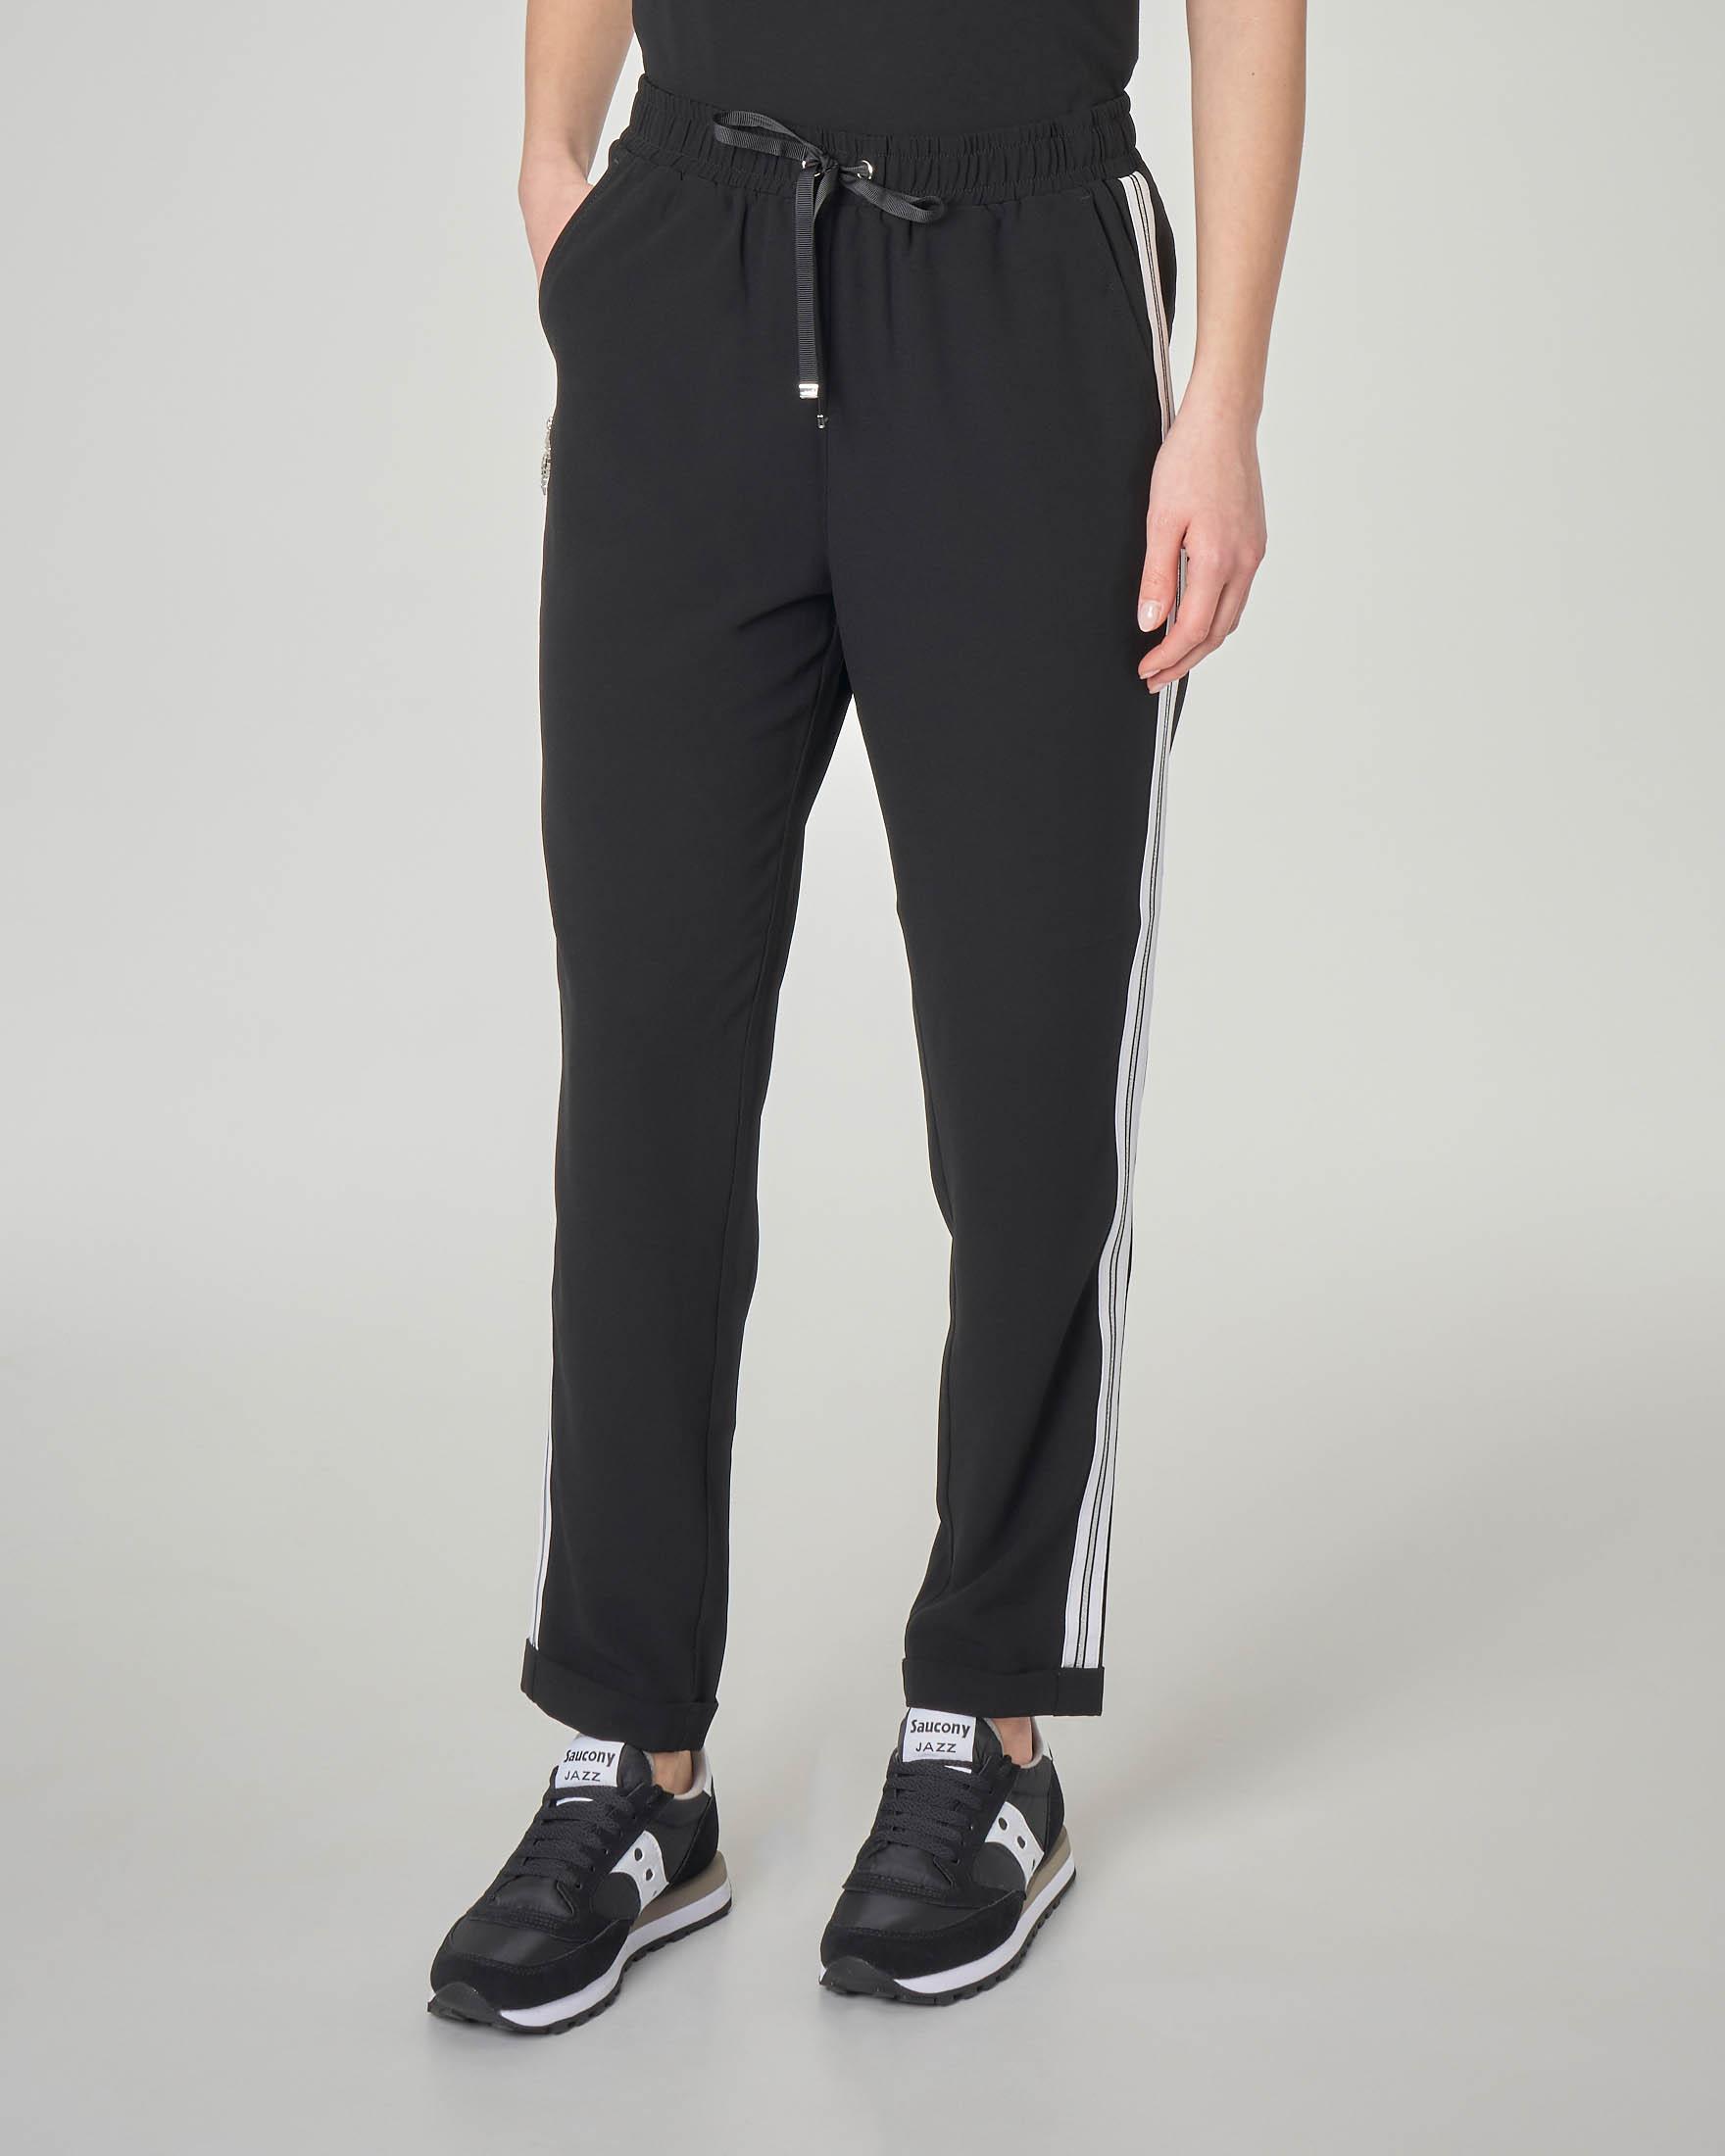 Pantaloni in felpa neri con fasce laterali a contrasto con applicazioni di strass